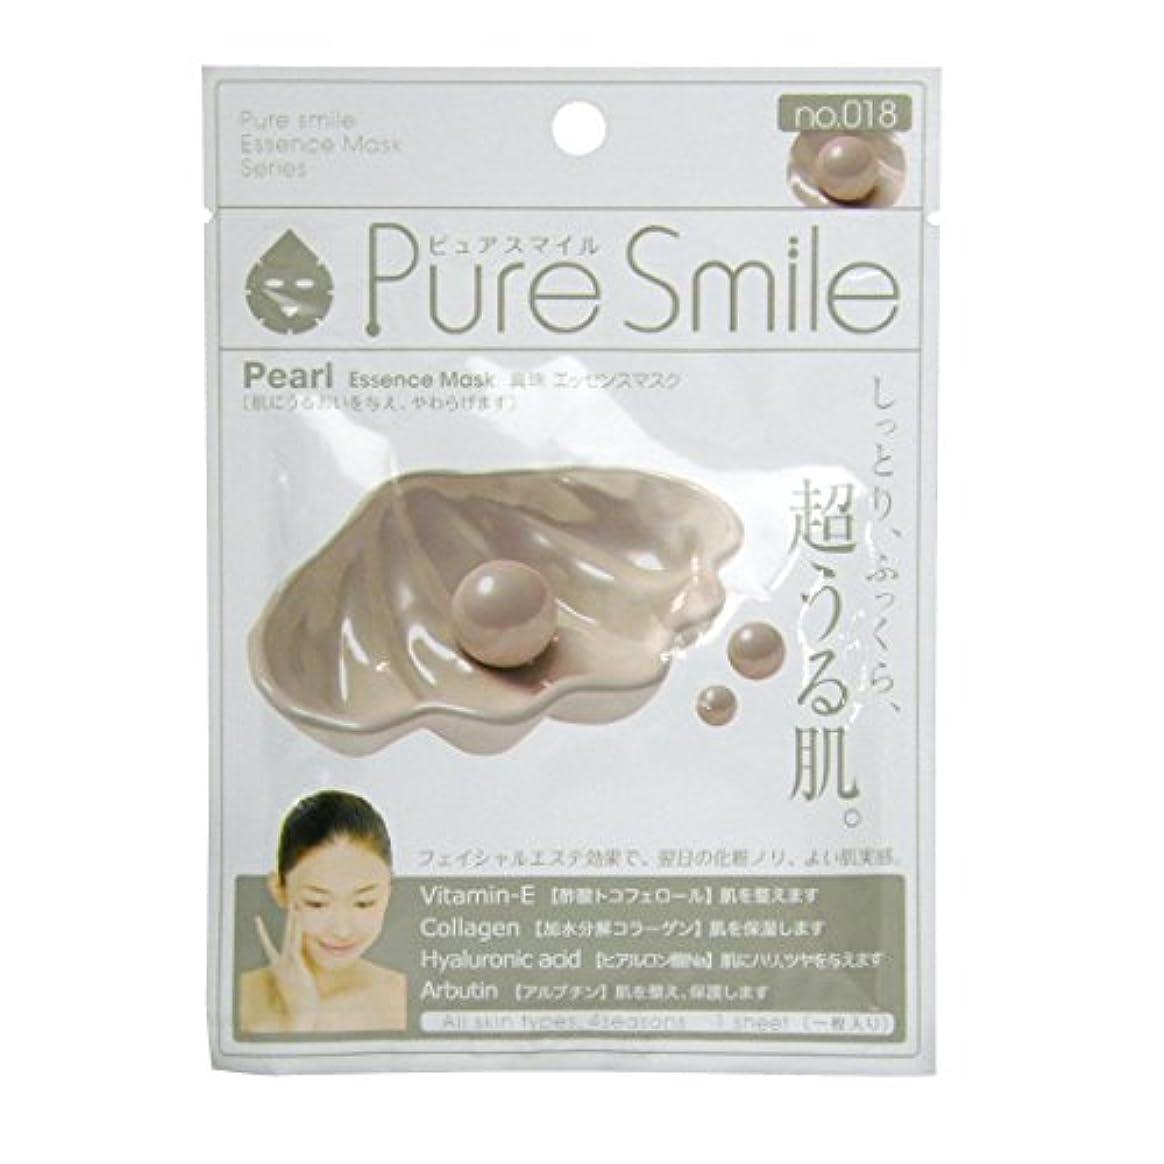 虫層属するPure Smile エッセンスマスク 真珠 23ml?30枚